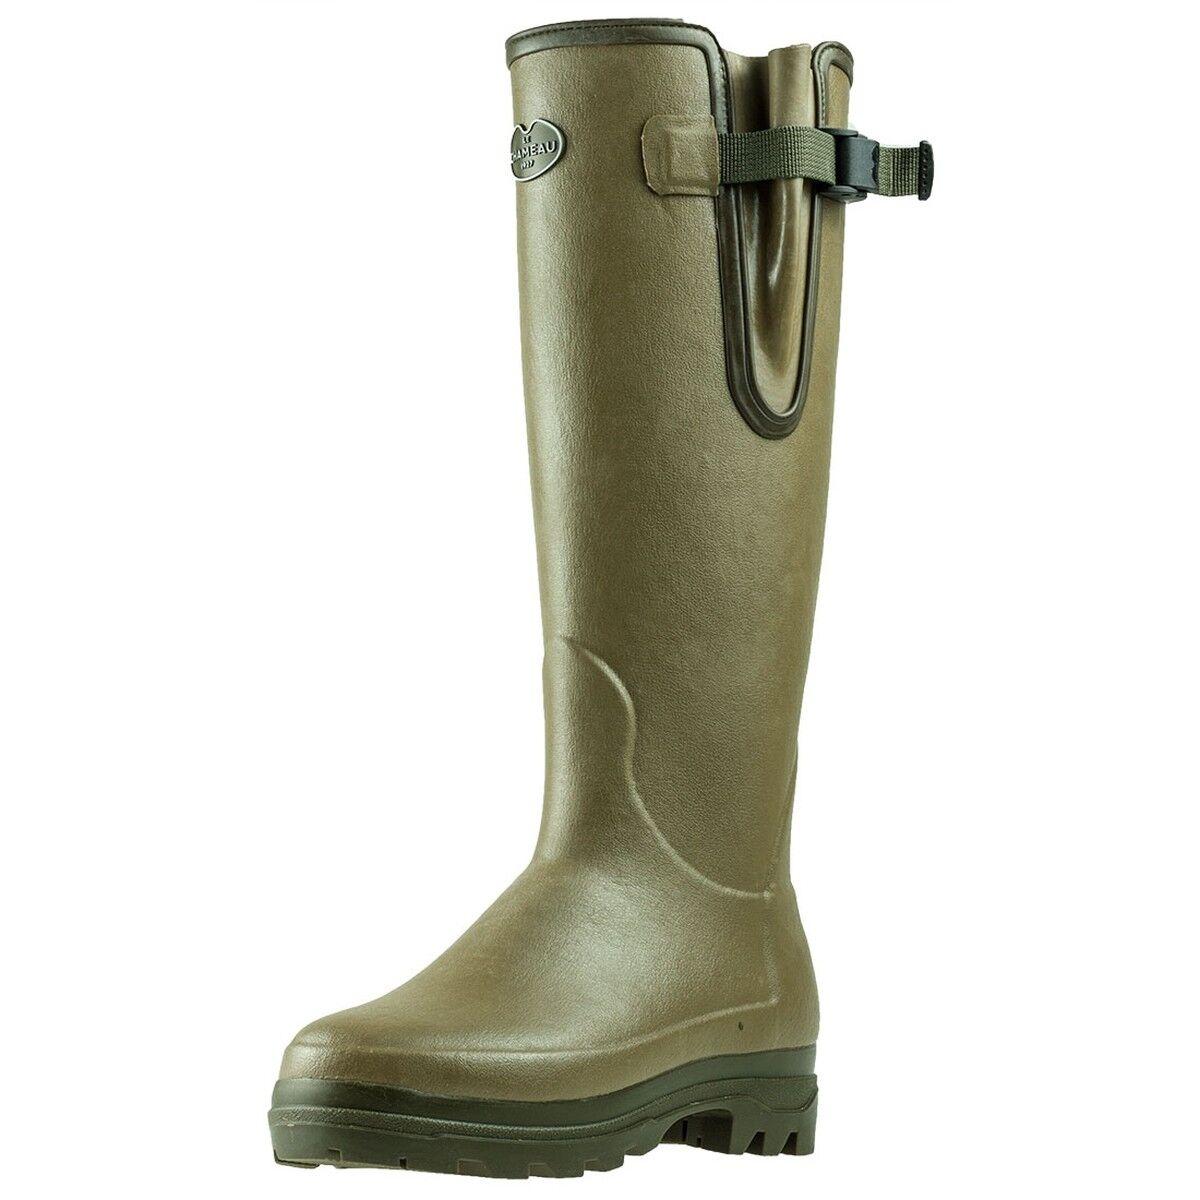 Le Chameau Vierzonord Womens Green Rubber Wellington Boots - 36 EU 3540789149271